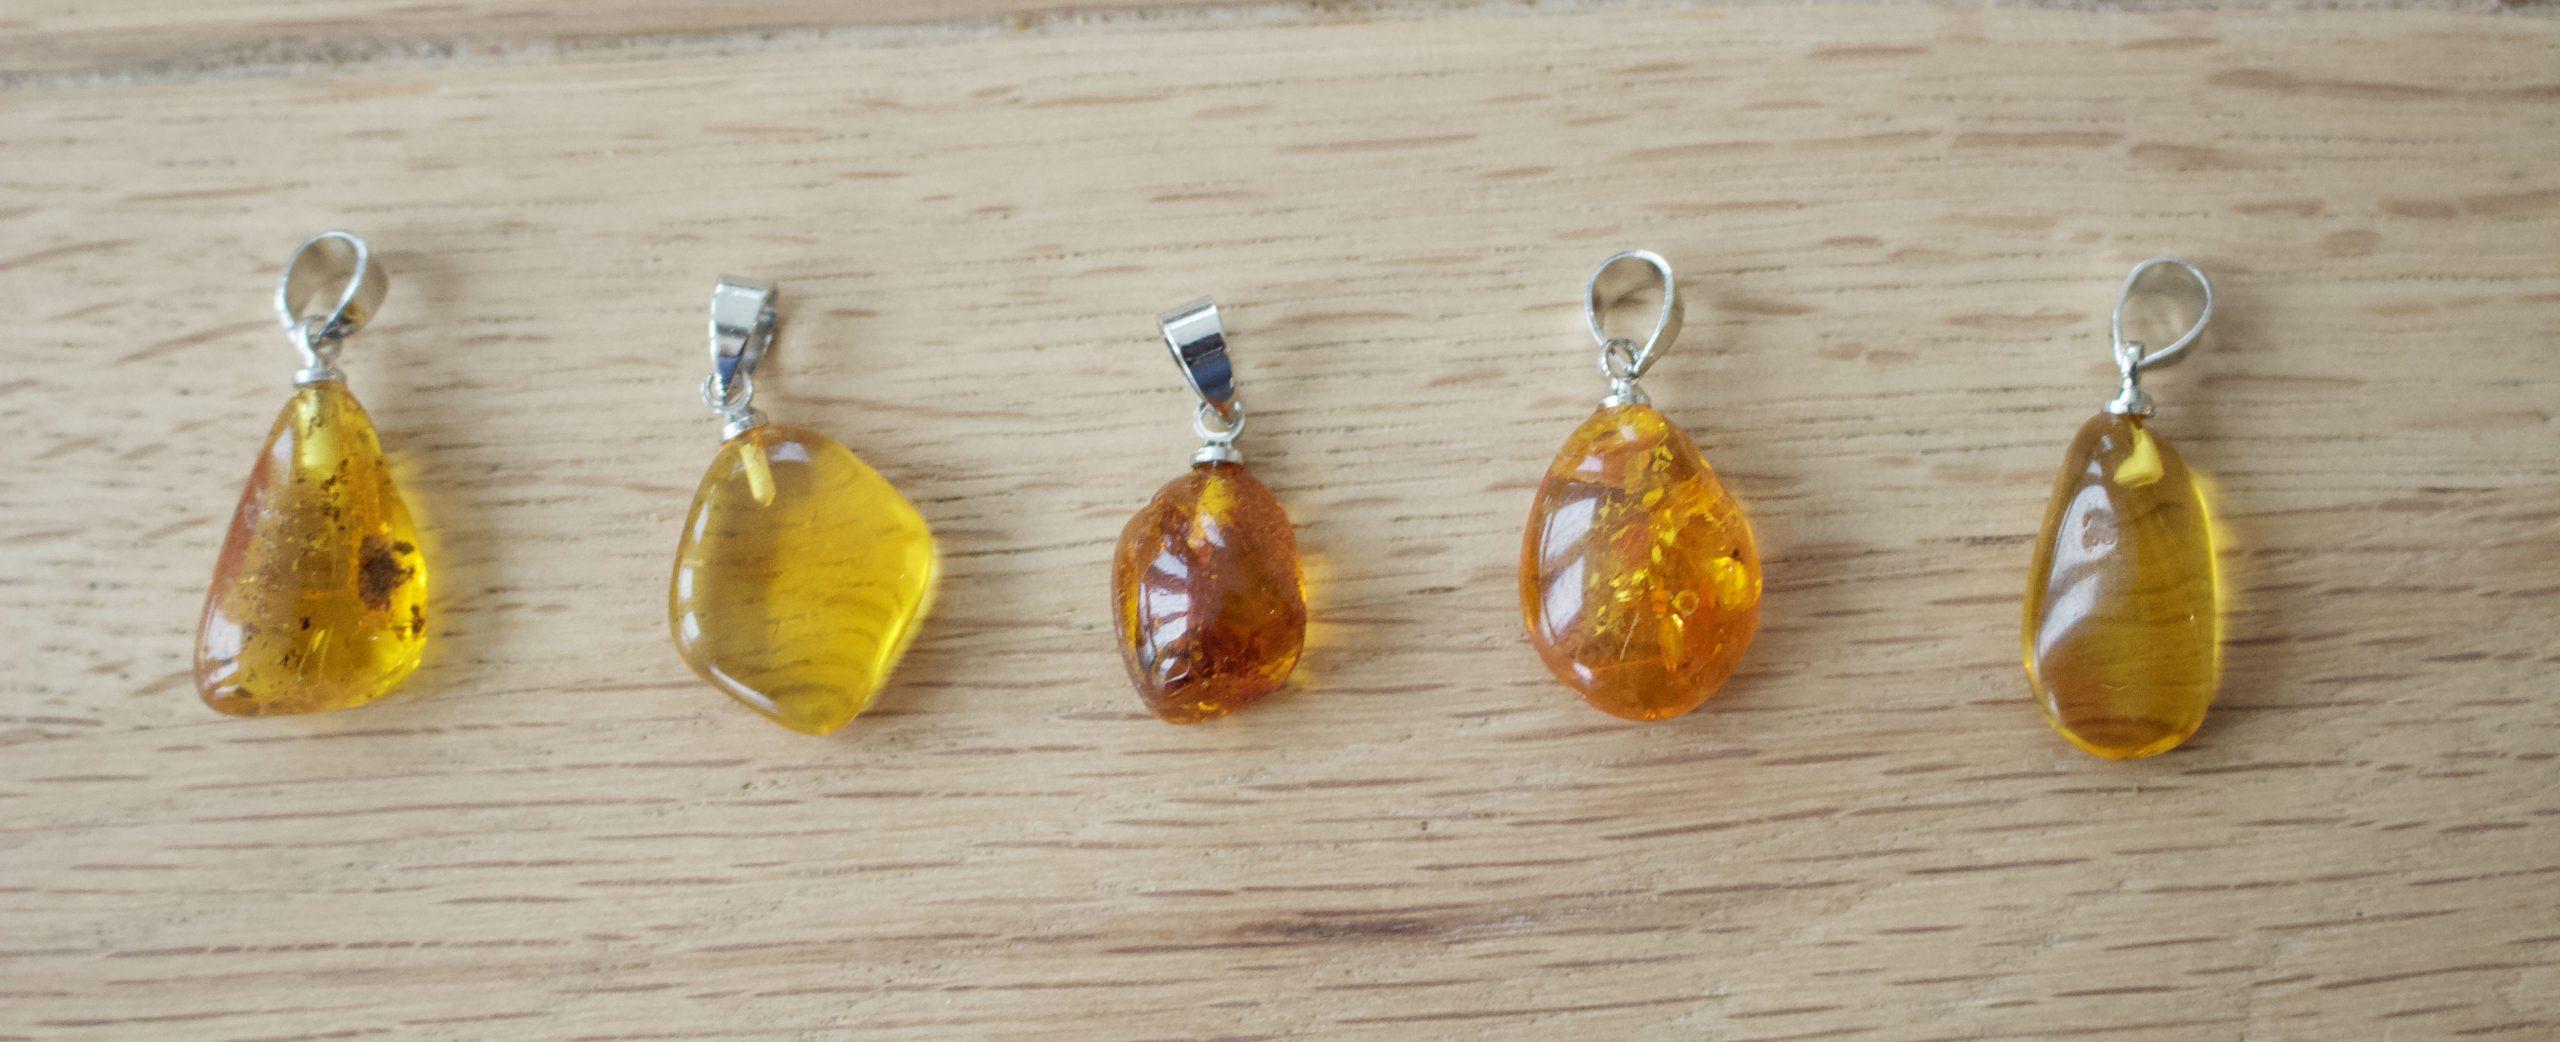 Šperky z baltického jantáru